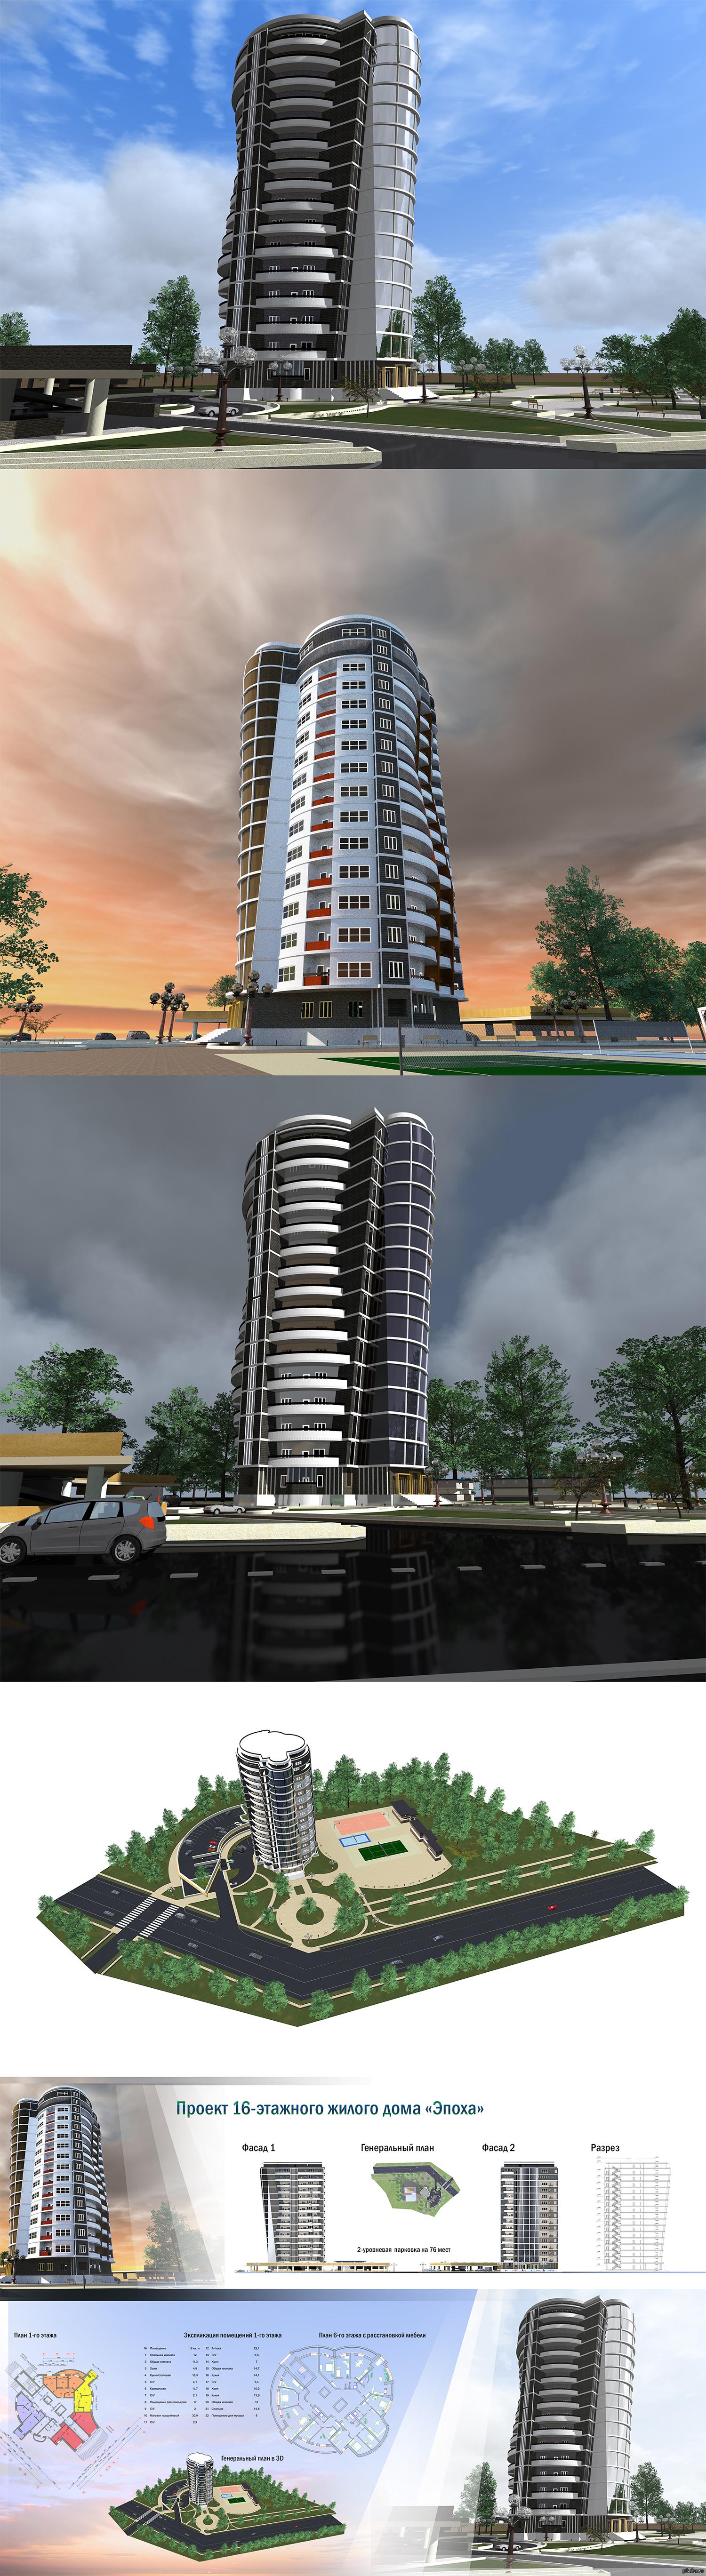 Курсовой проект многоэтажного жилого дома Курсовой проект многоэтажного жилого дома Учусь на архитектора выполнял курсовую Проект ещё сырой